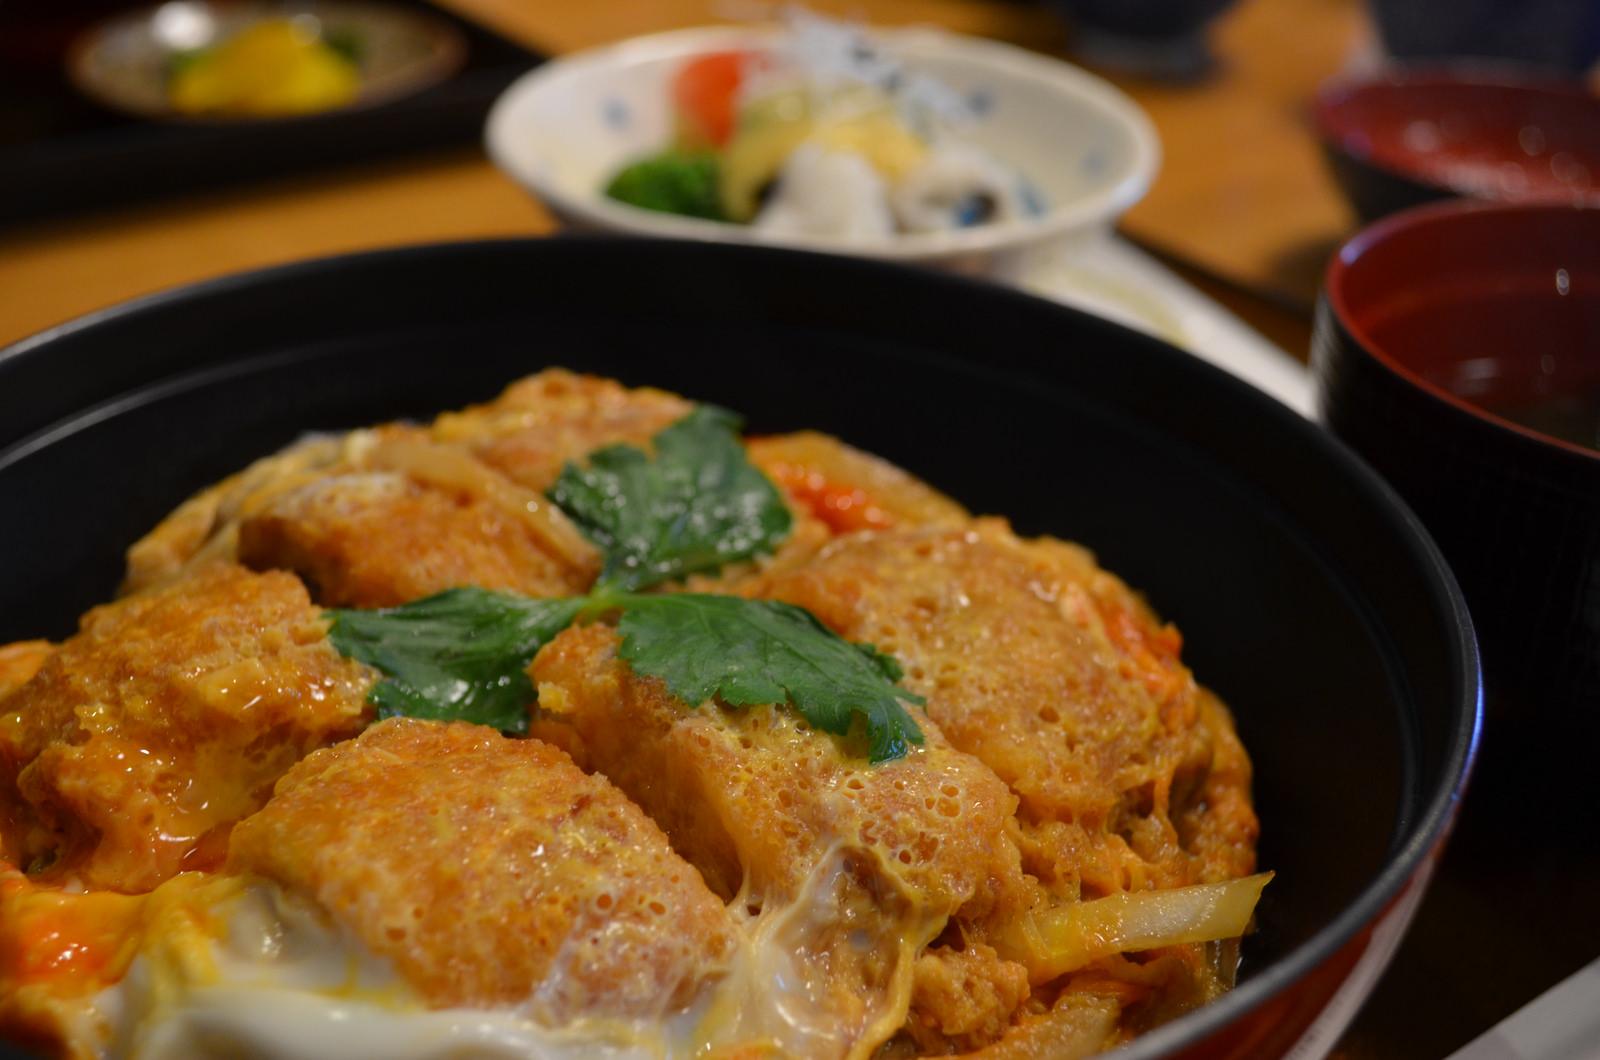 【和風味処 鬼太郎】大分県中津市名物 鱧(はも)料理 鱧かつ丼を頂きました。